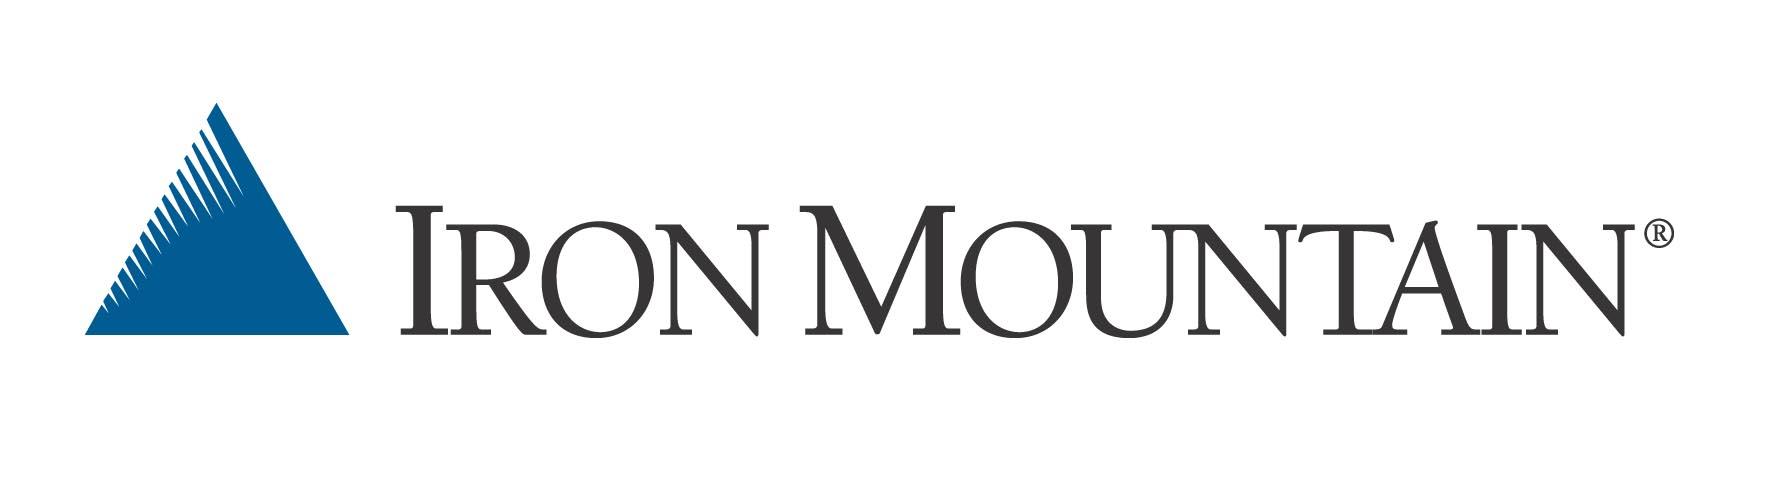 IM_logo.jpg